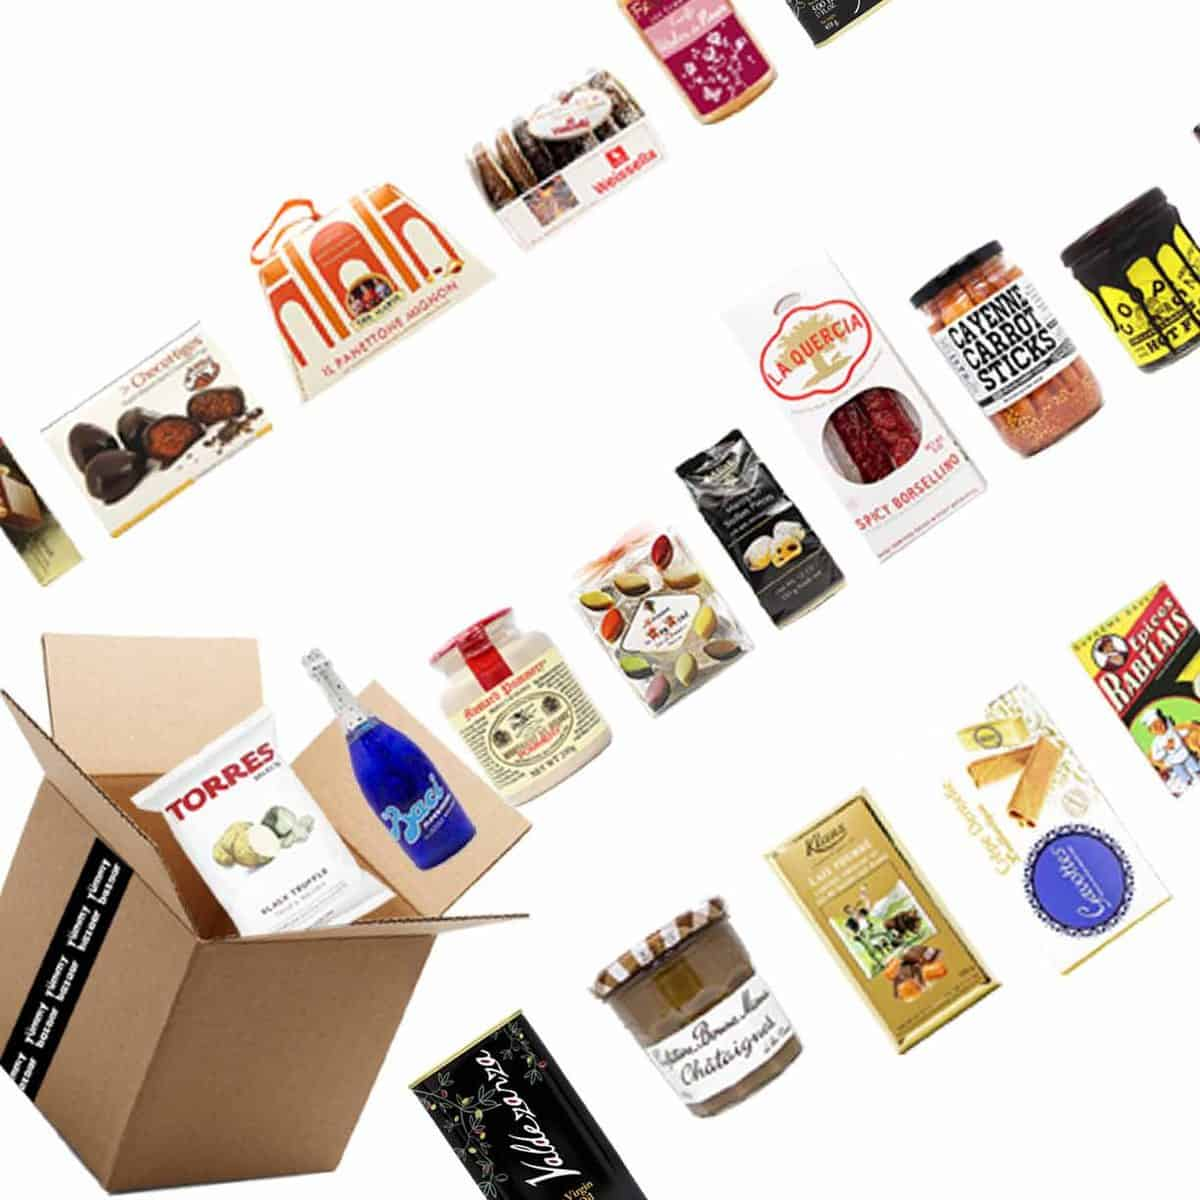 Yummy Bazaar Destination Food Club Find Subscription Boxes